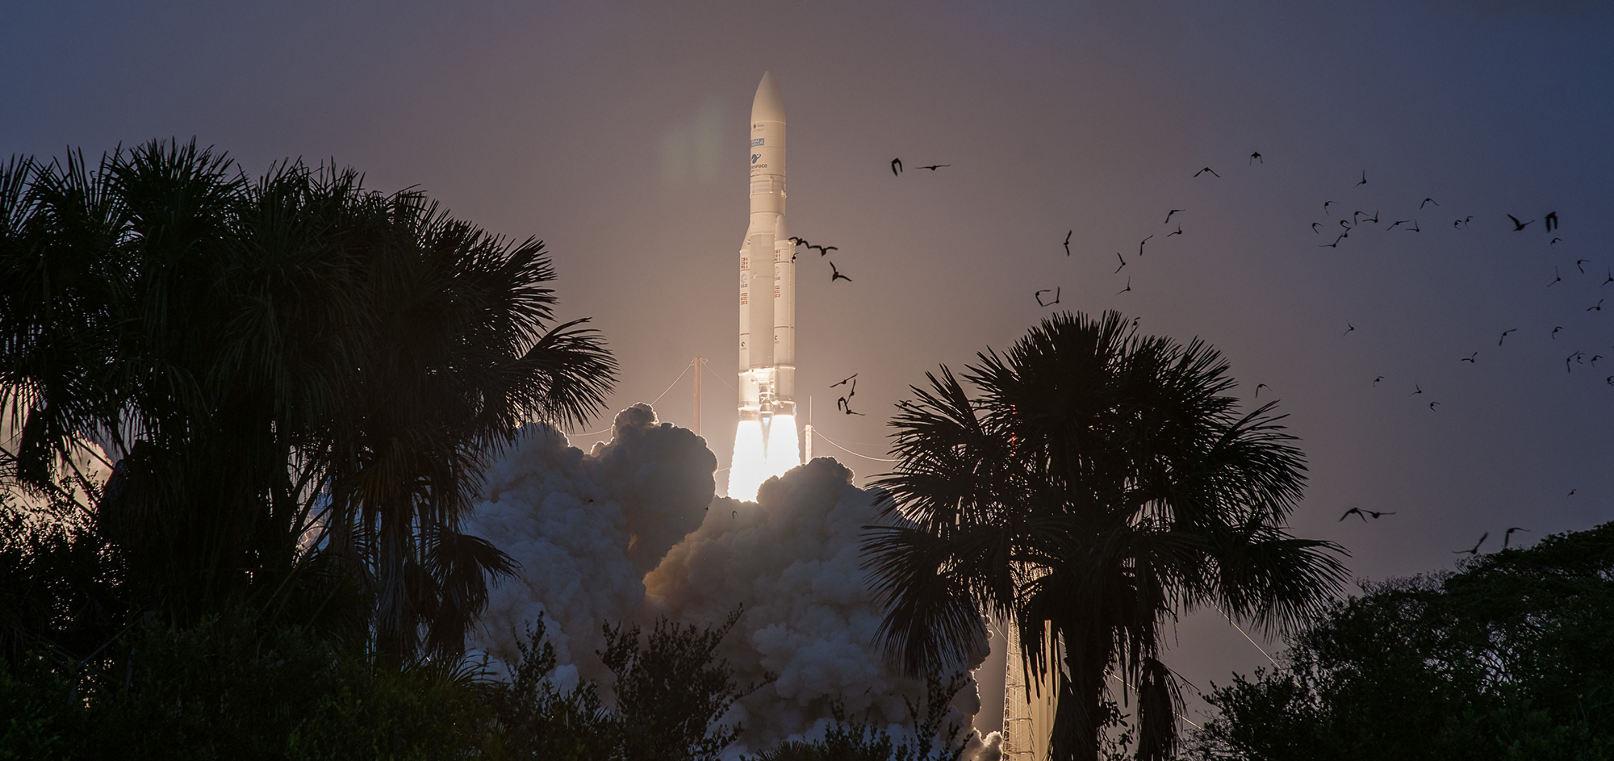 Ariane 5 launches 200th satellite